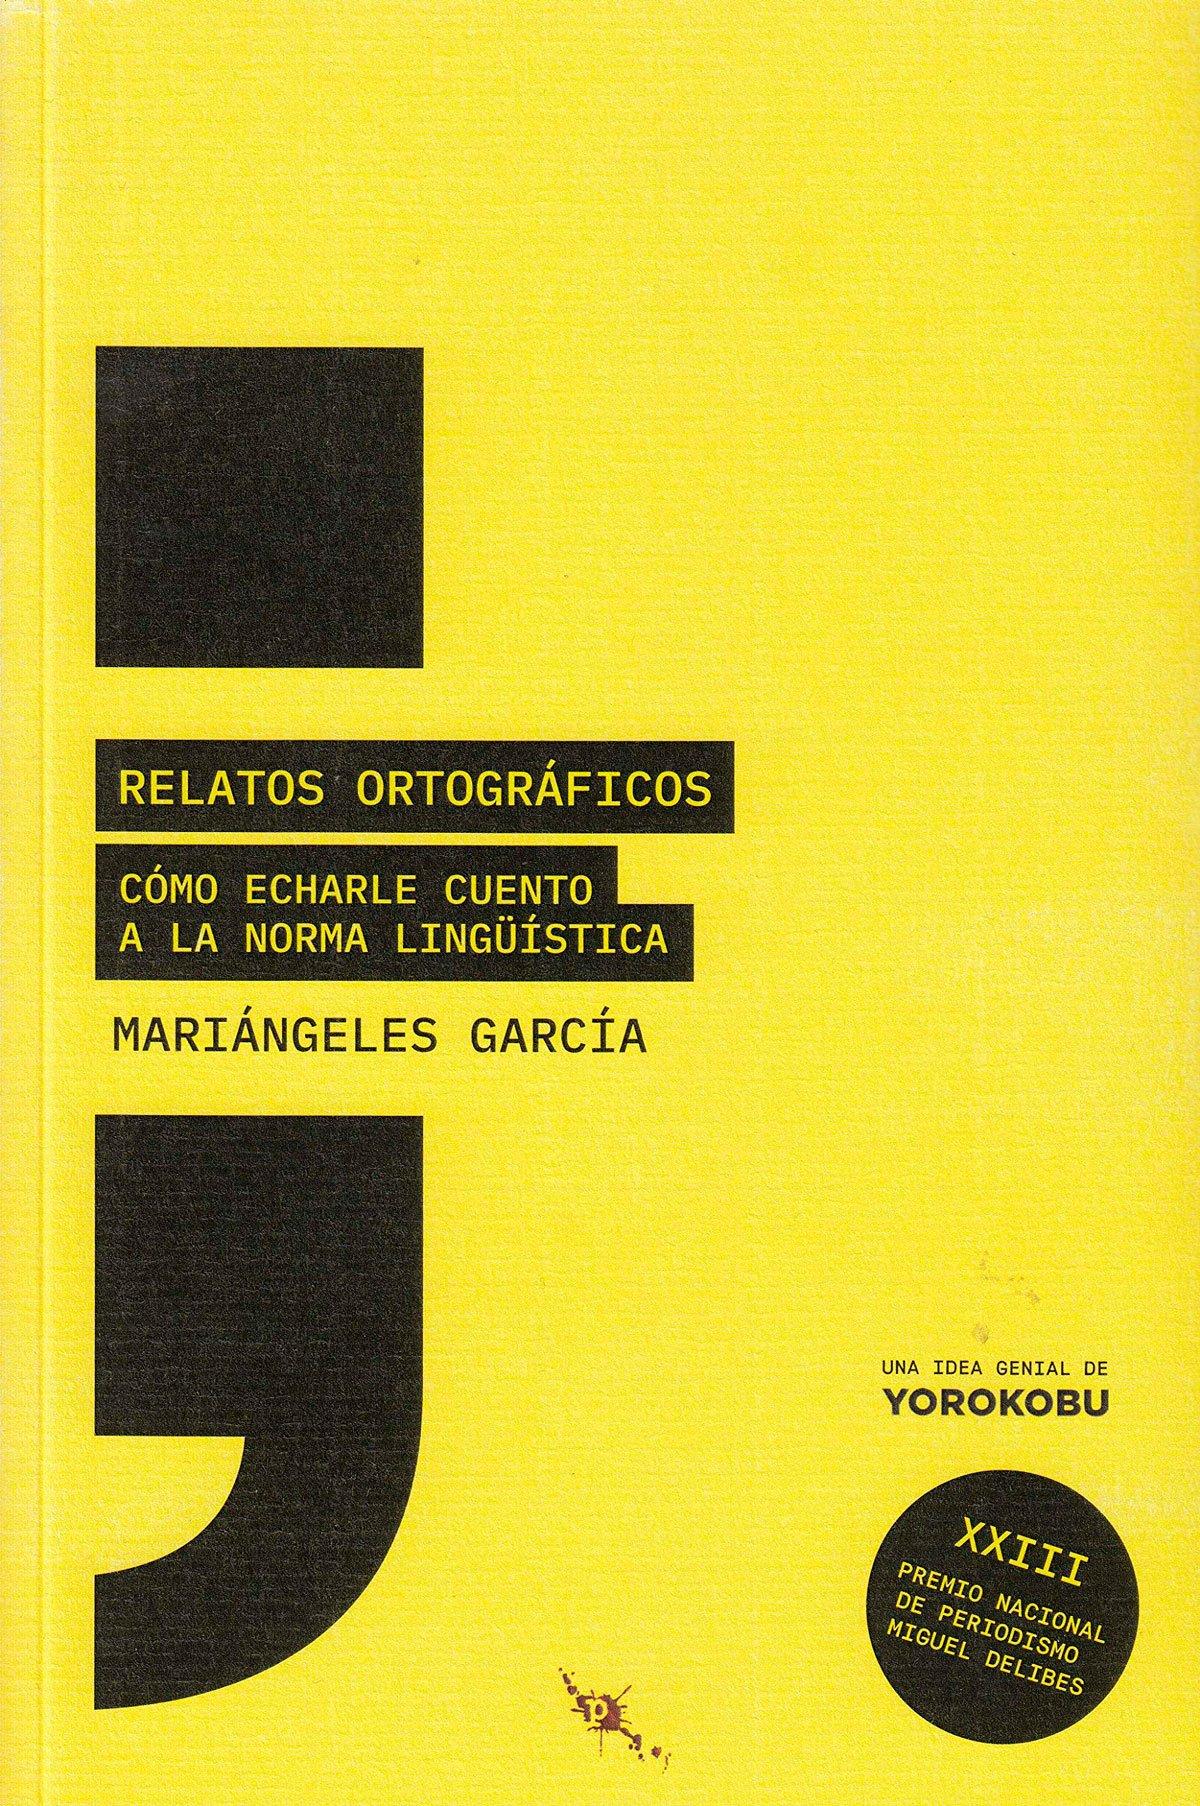 Relatos ortográficos, el libro